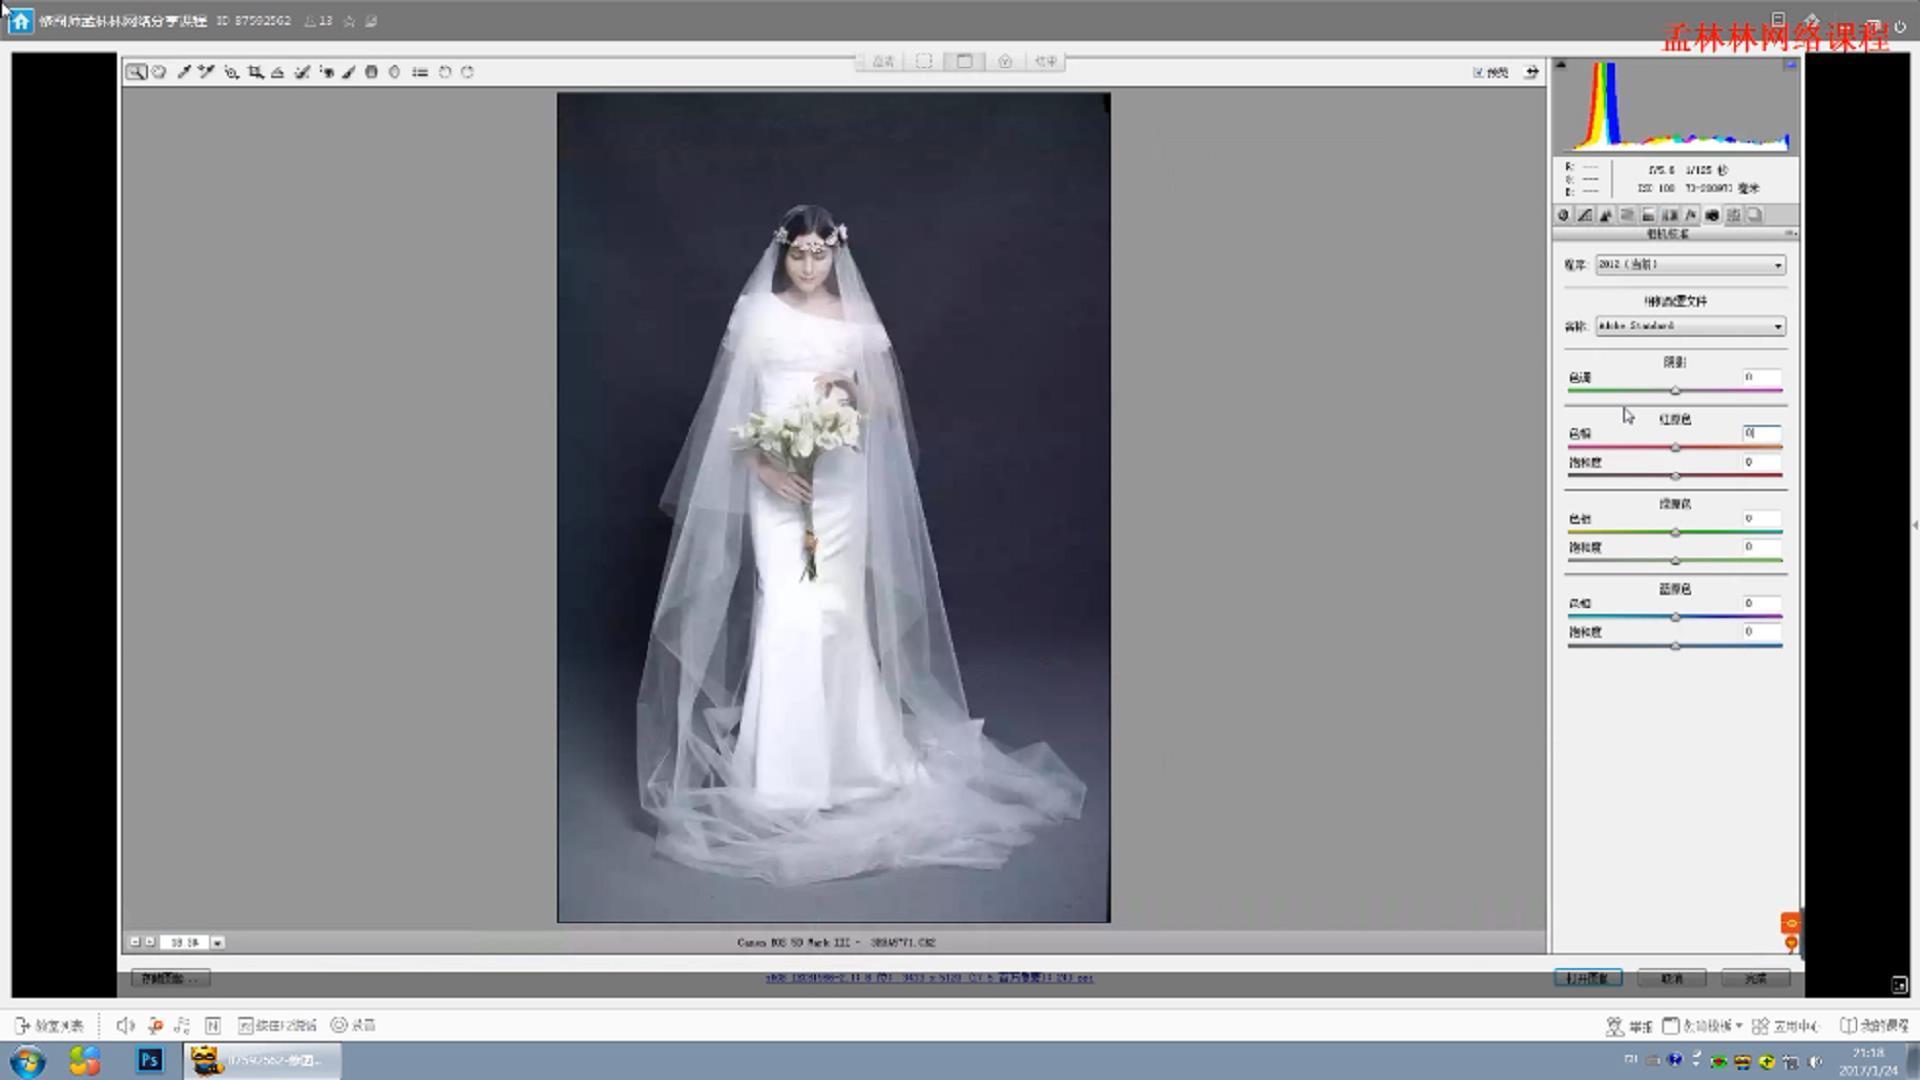 平面教程-修图师孟林林唯美PS韩式婚纱照调色教程 含素材(3)